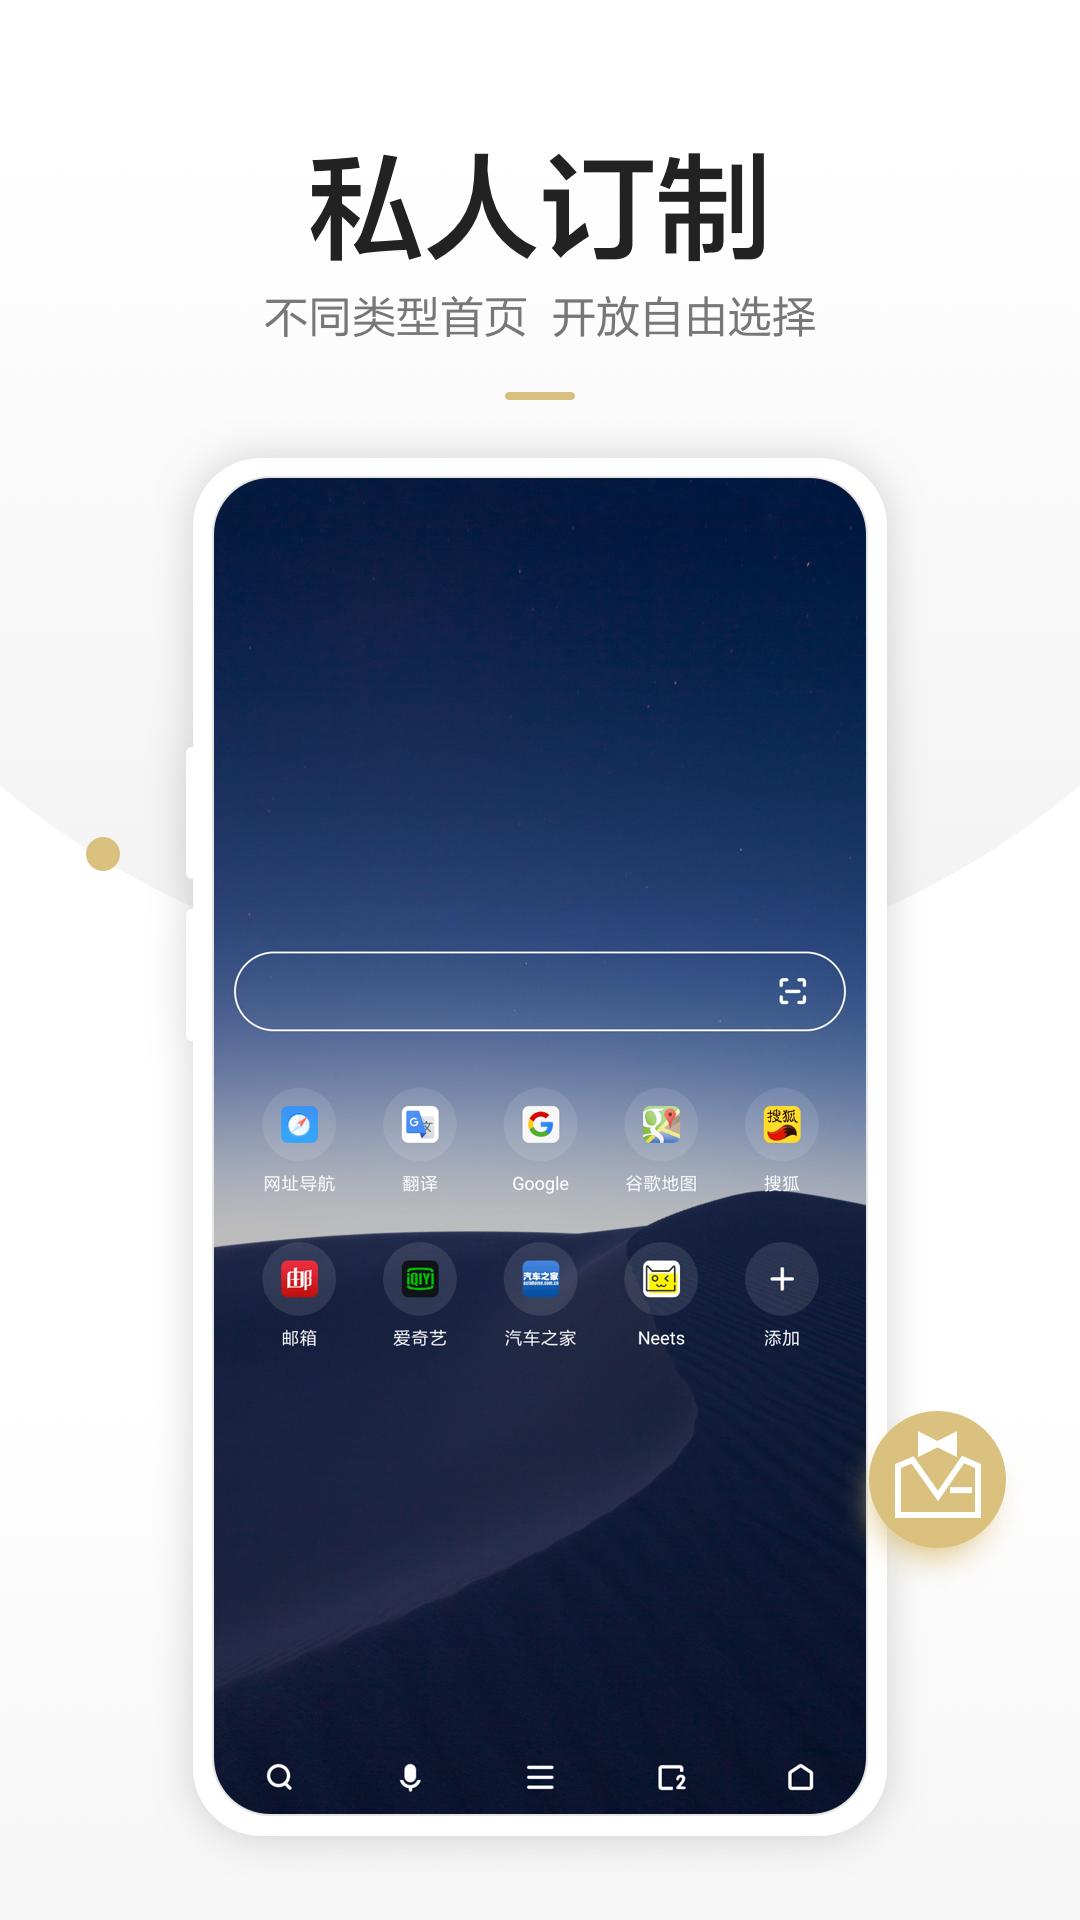 360安全浏览器2018官方下载最新版图片2